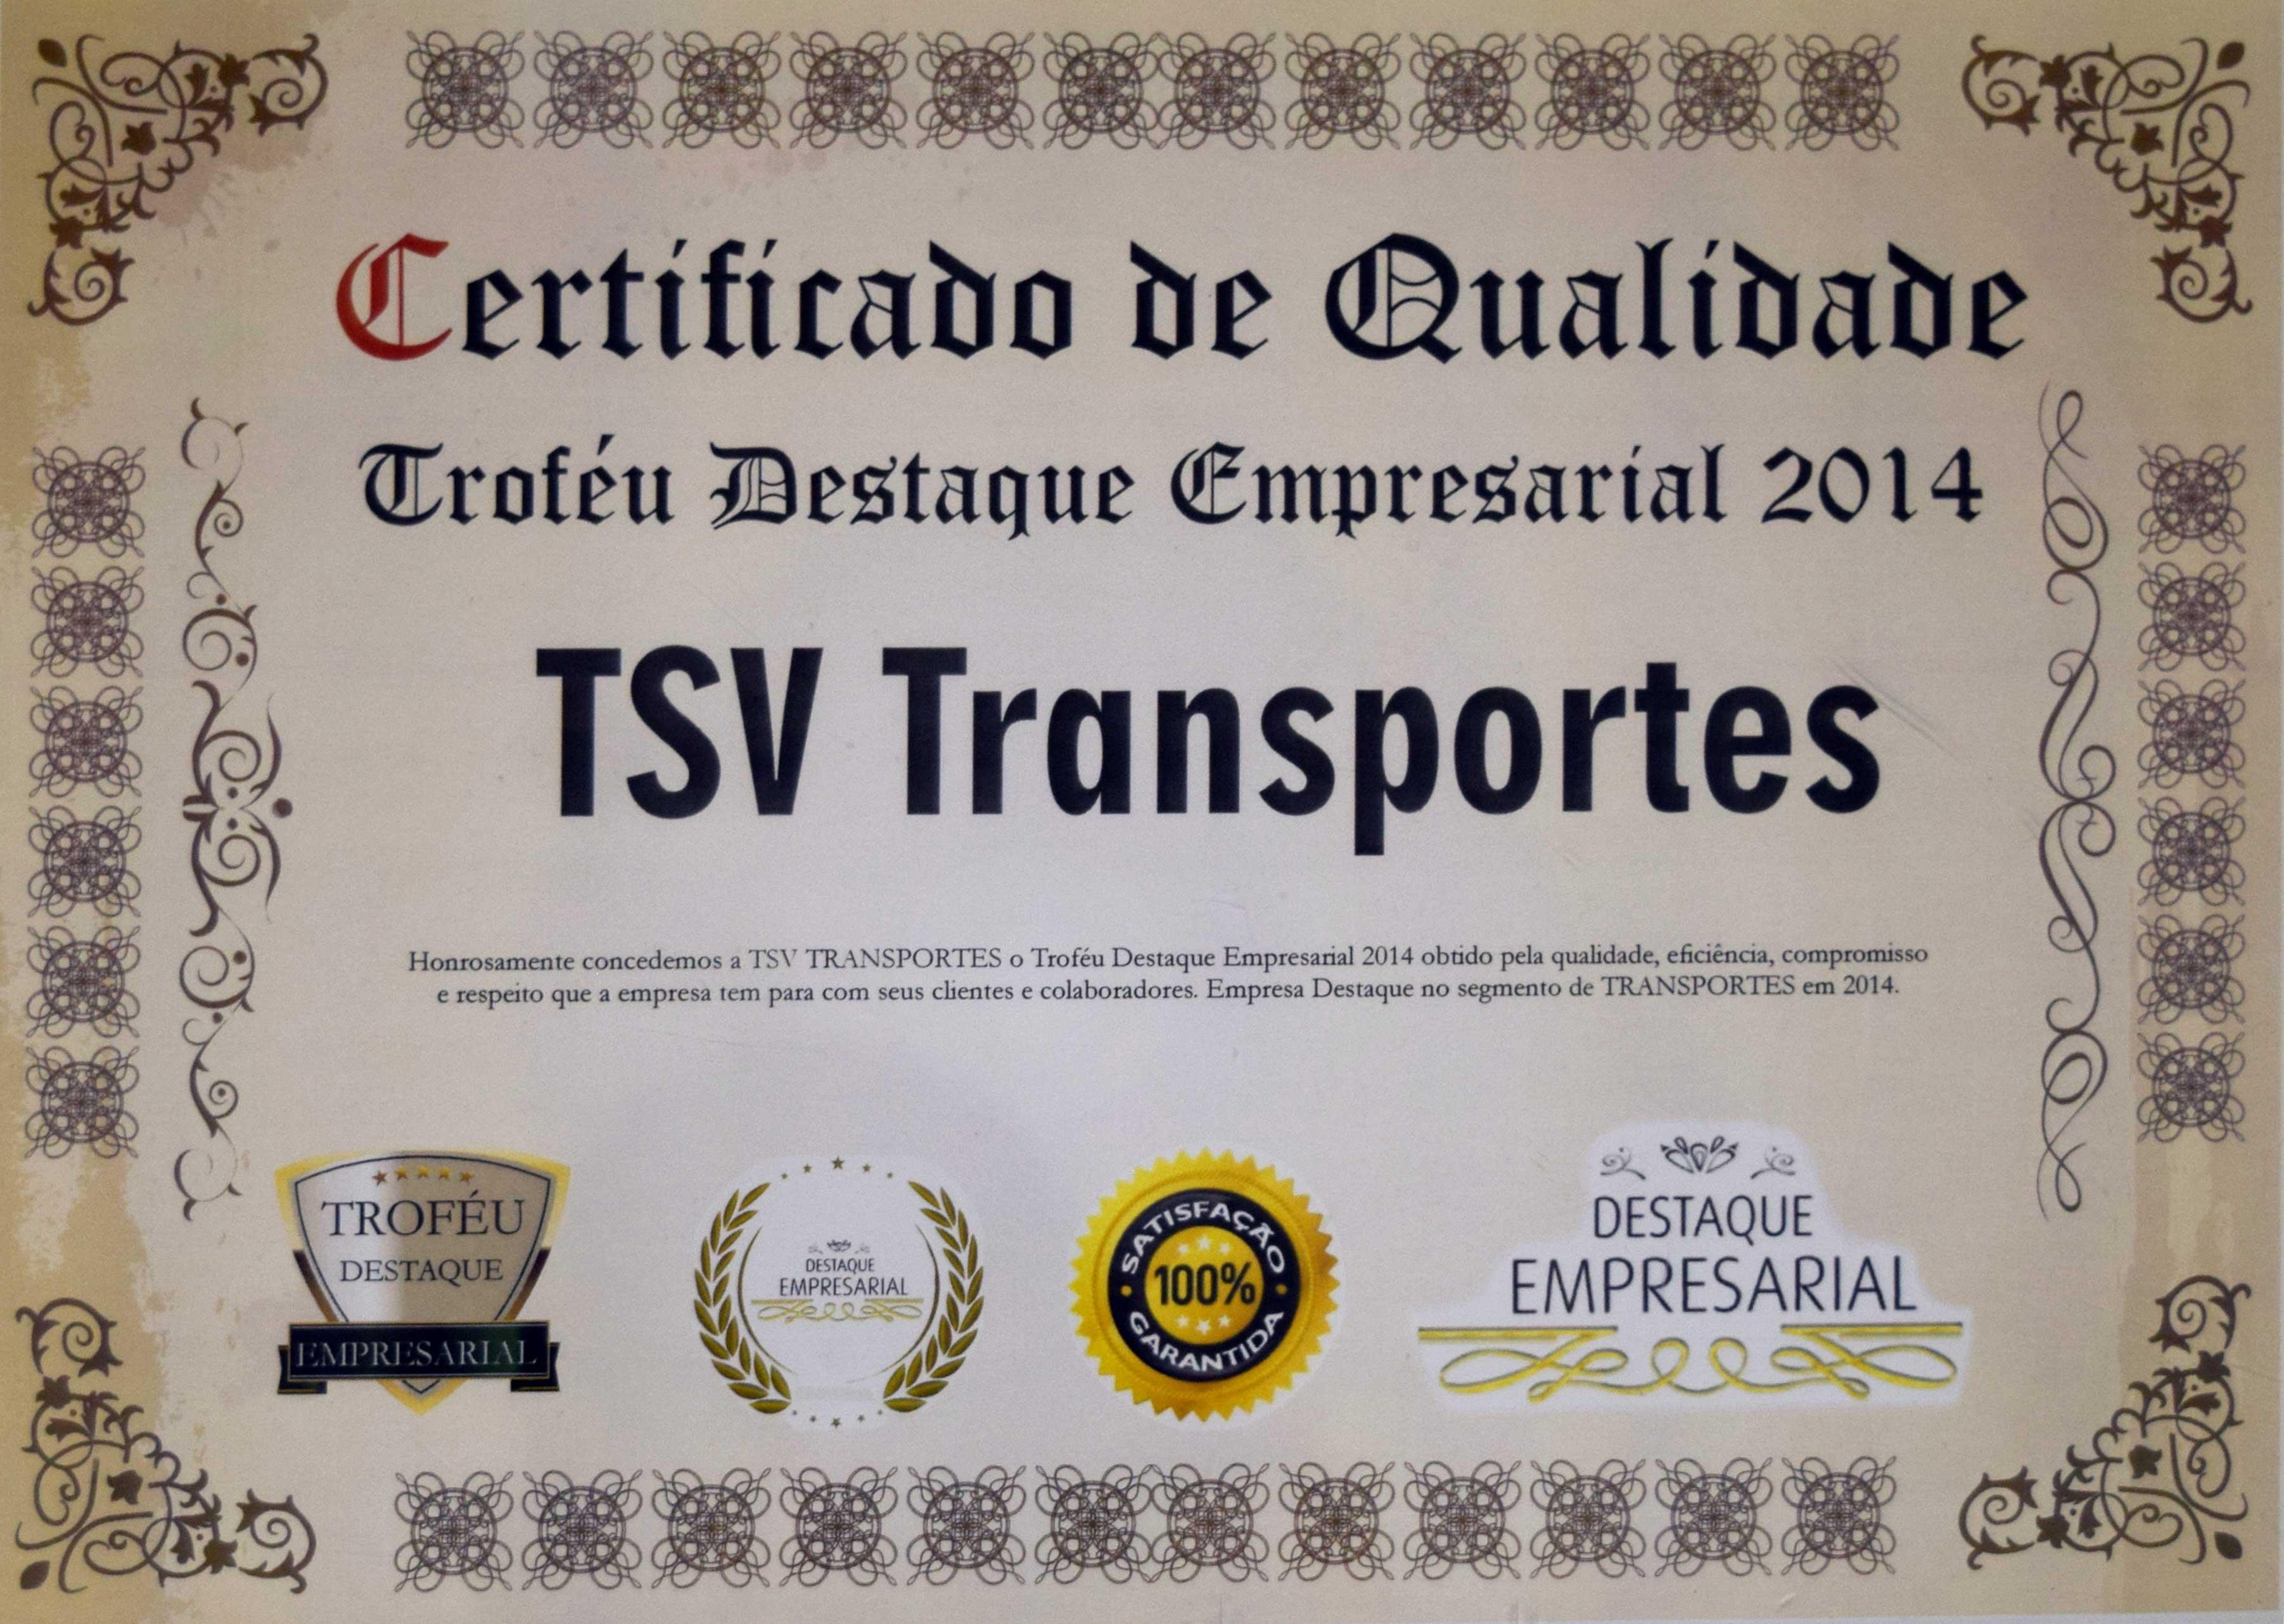 https://www.tsvtransportes.com.br/wp-content/uploads/2018/09/DSC_0224.jpg